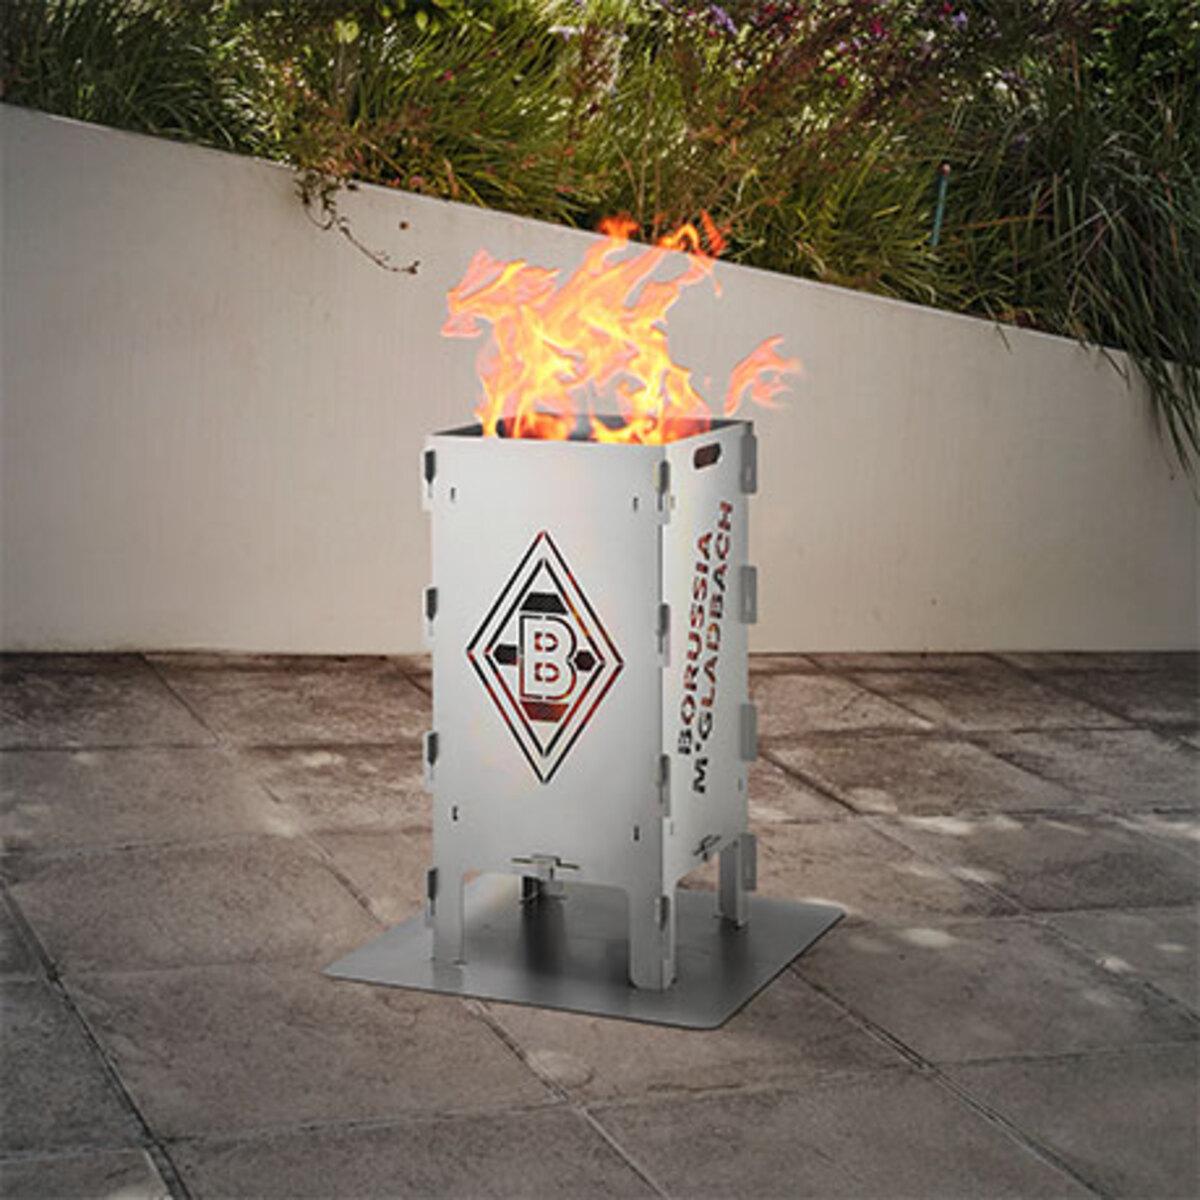 Bild 1 von Fußball-Feuersäule Borussia M'Gladbach1